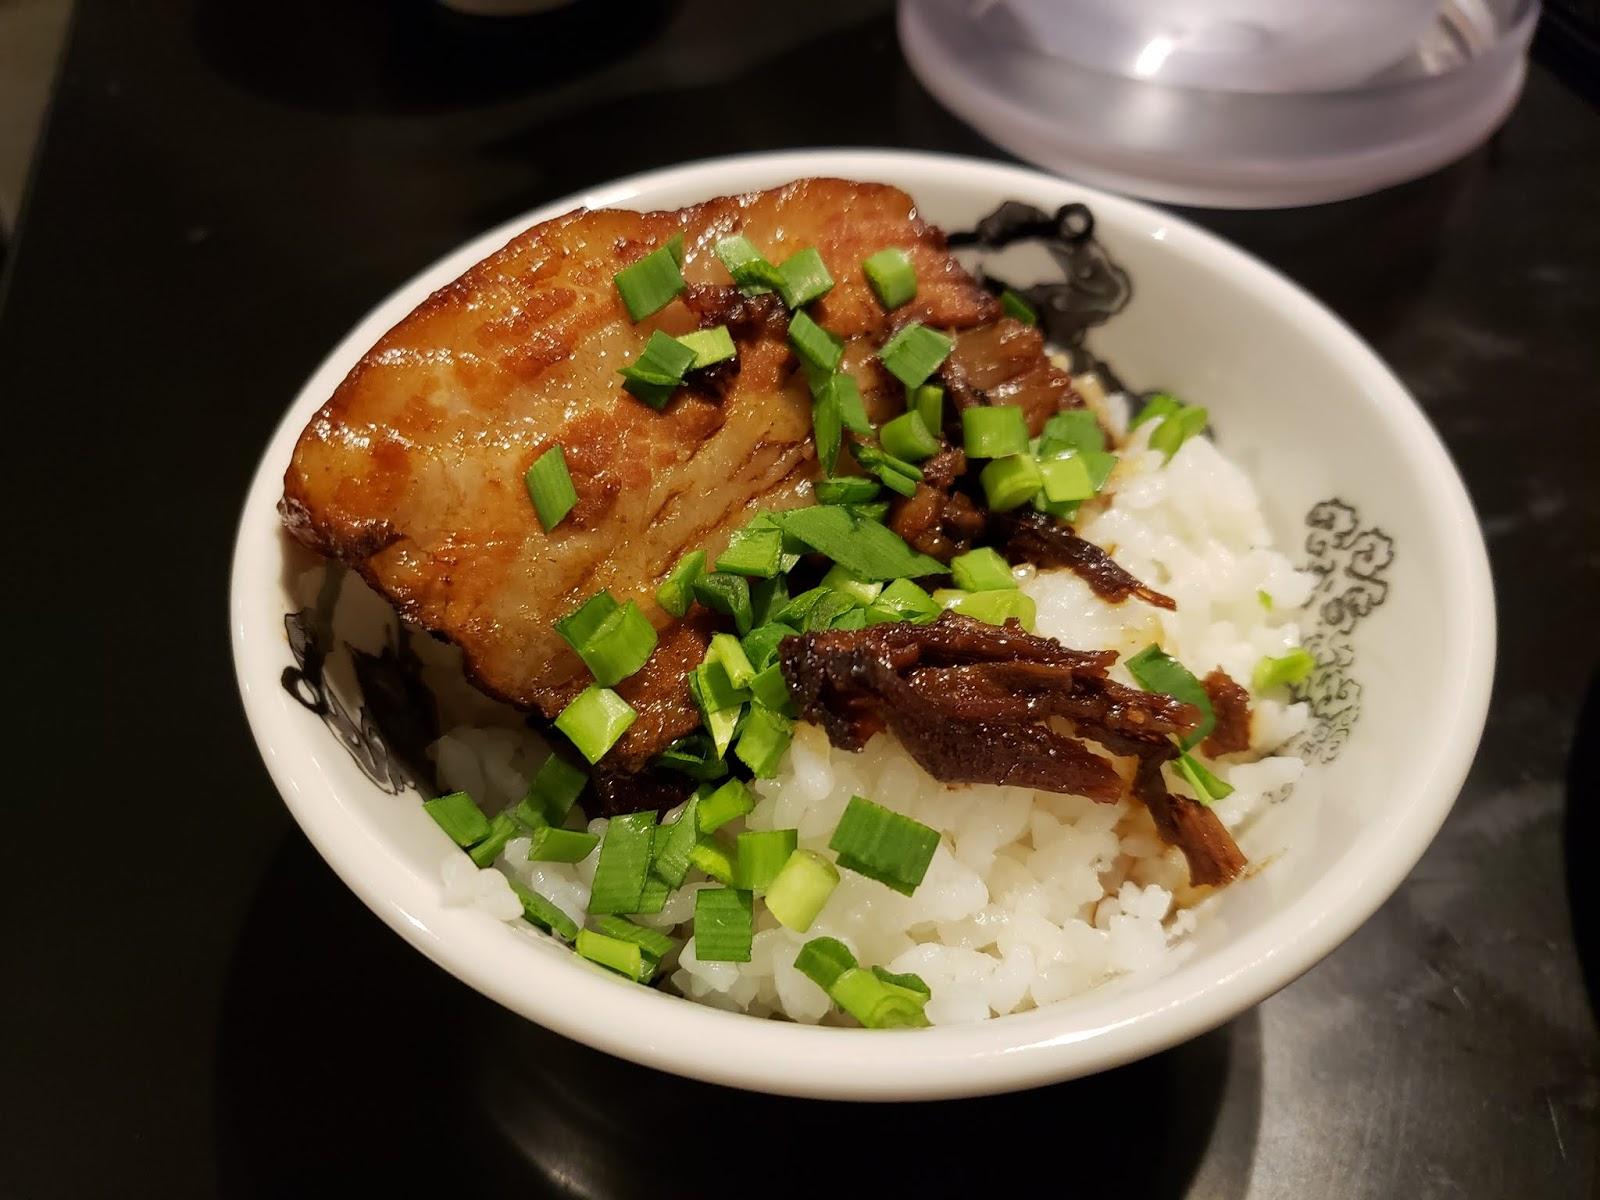 大肉飯(鬼金棒 名古屋)